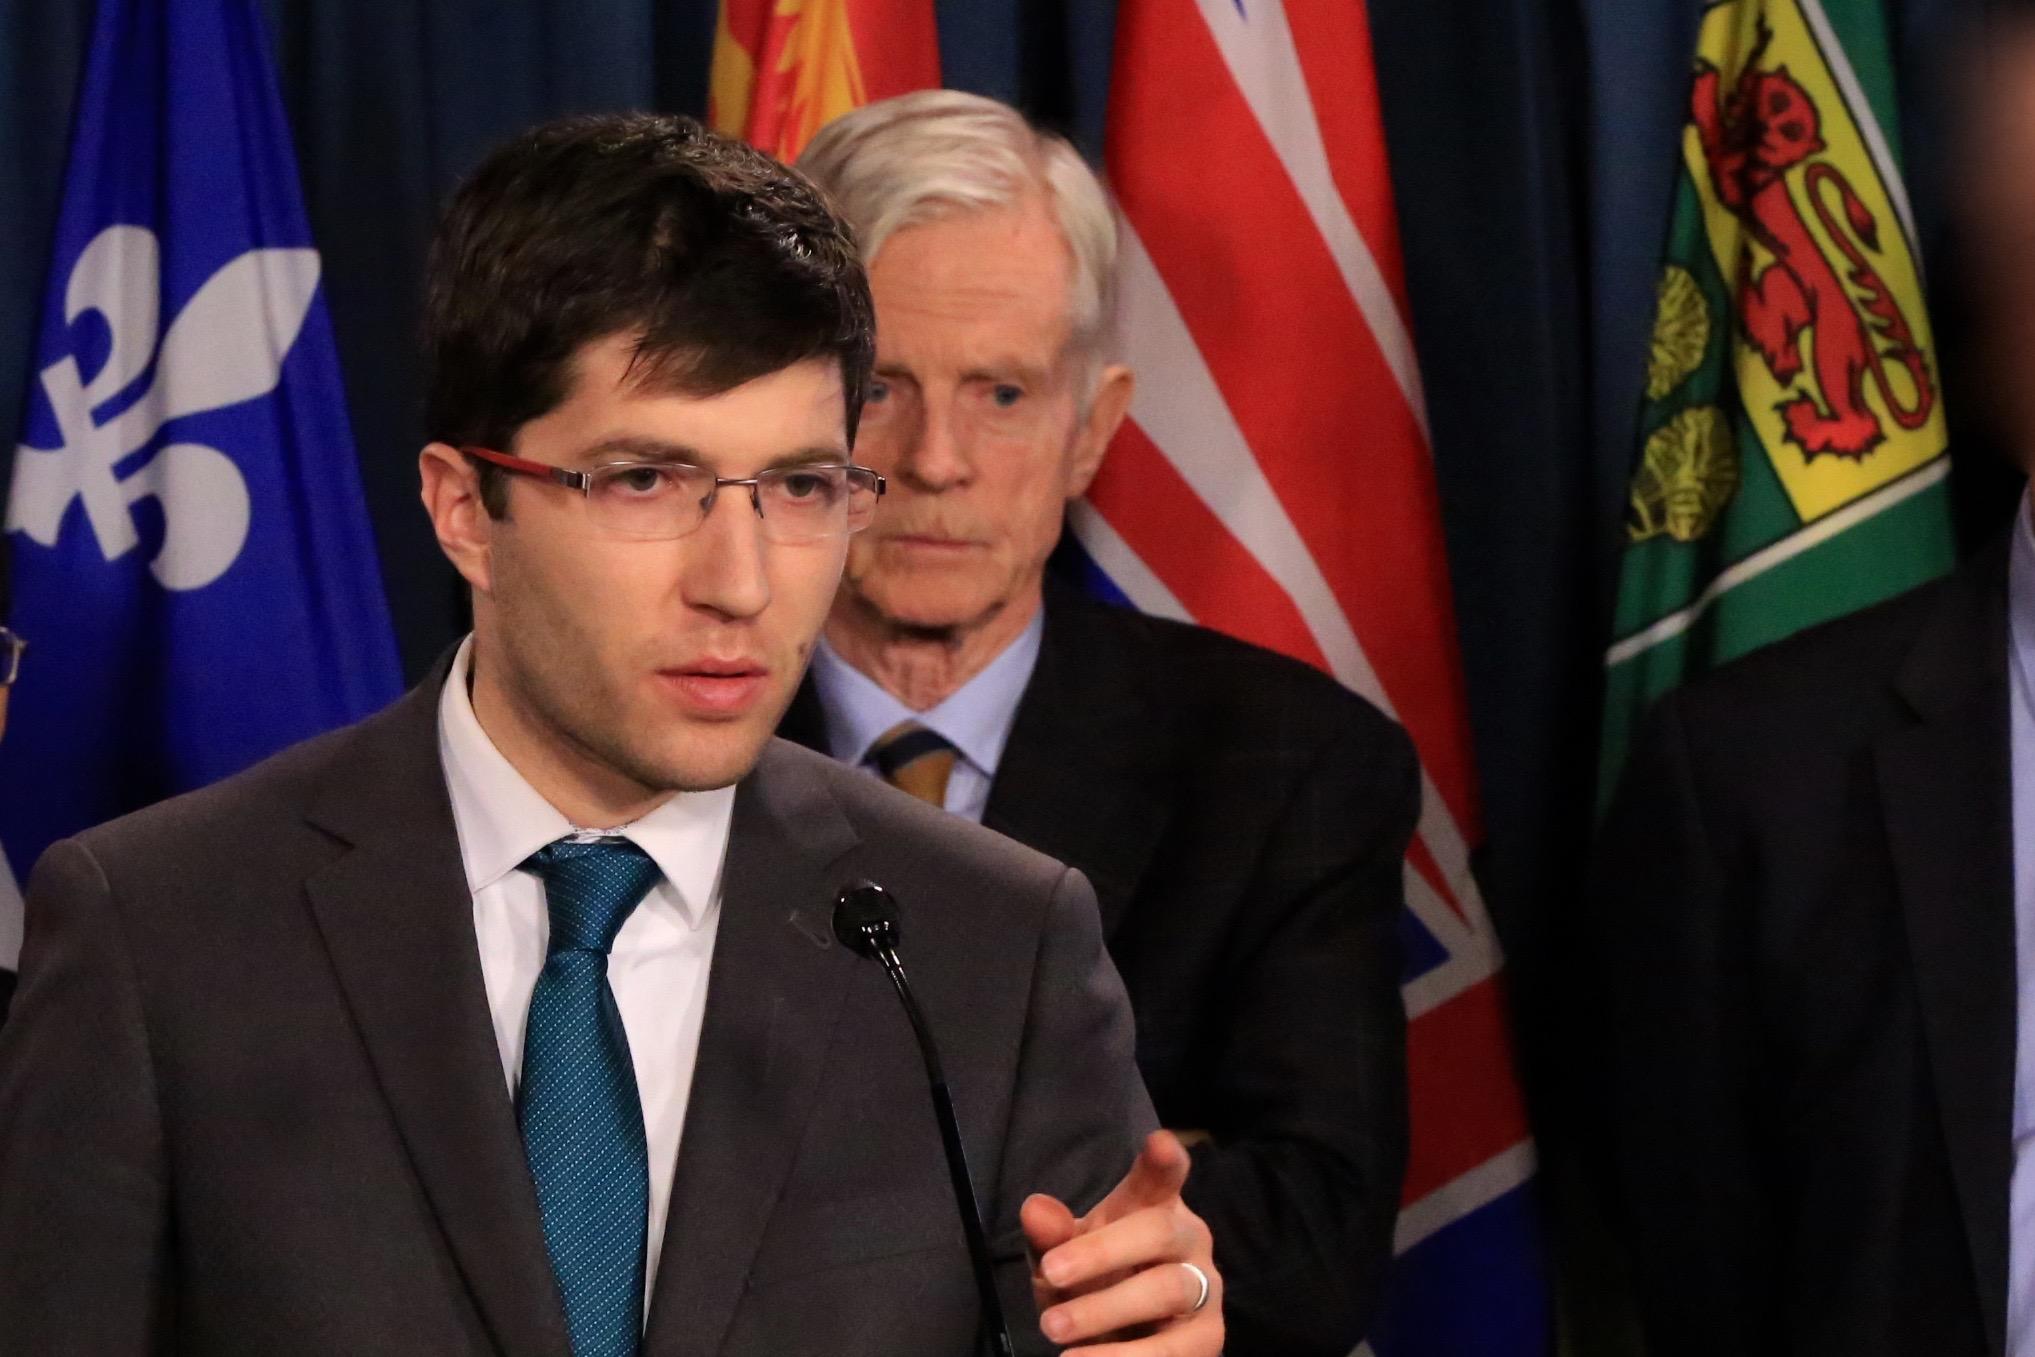 加拿大國會打擊強摘器官法案通過第二輪辯論